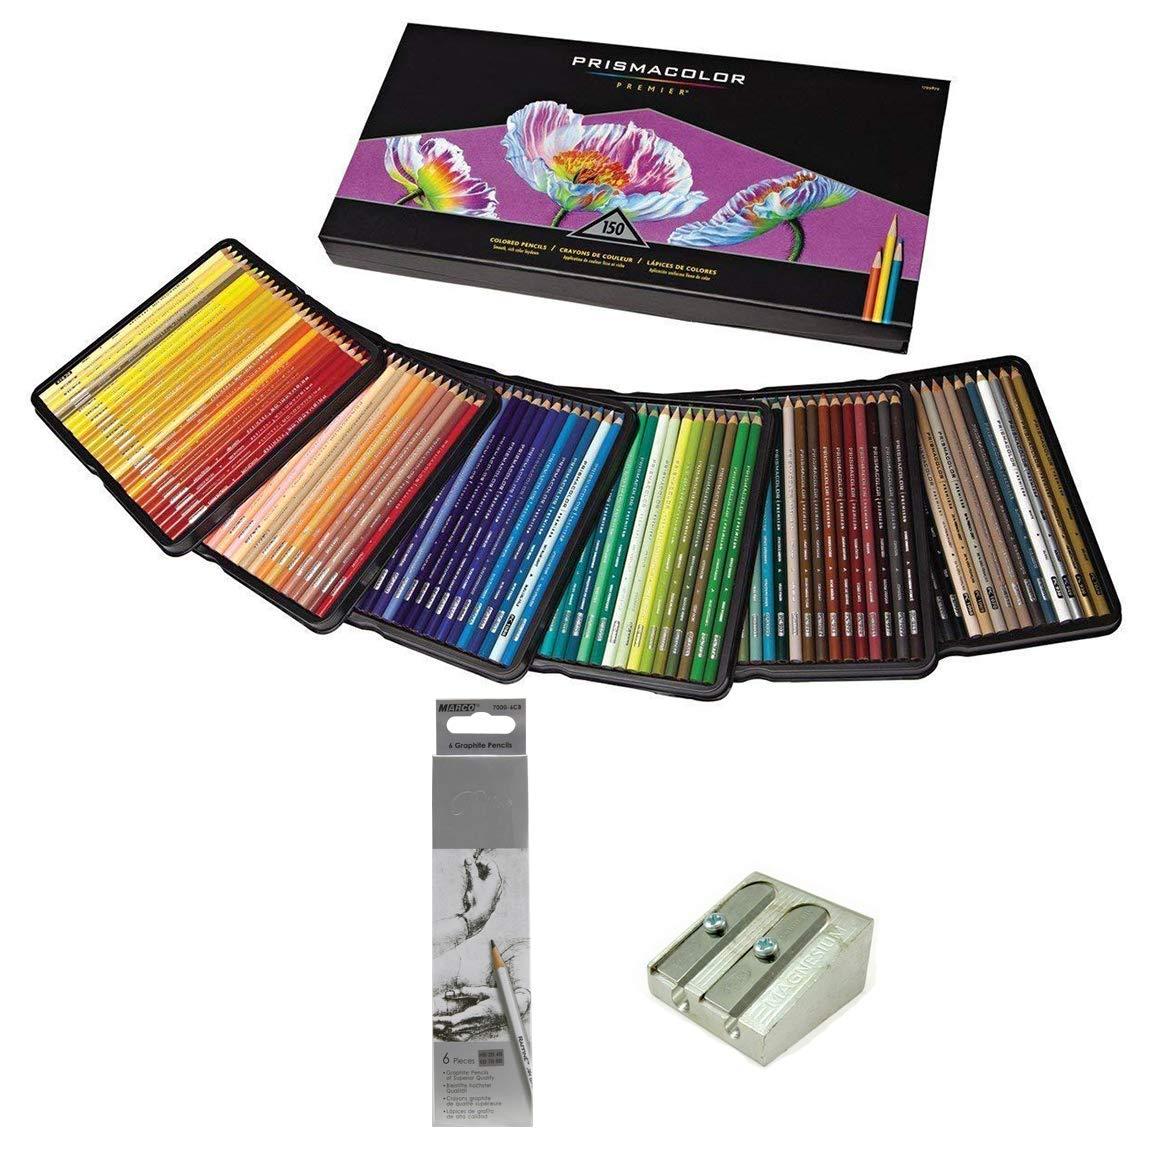 Prismacolor Colored Pencils Art Kit Gift Set – Artist Premier Wooden Soft Core Pencils 150 ct. Includes 6pc Raffine Artist Black Graphite Pencils, Reflexions Bound Sketch Book 8.5x11 inch & KUM 2 Hole Magnesium Sharpener [158 pc. Set]